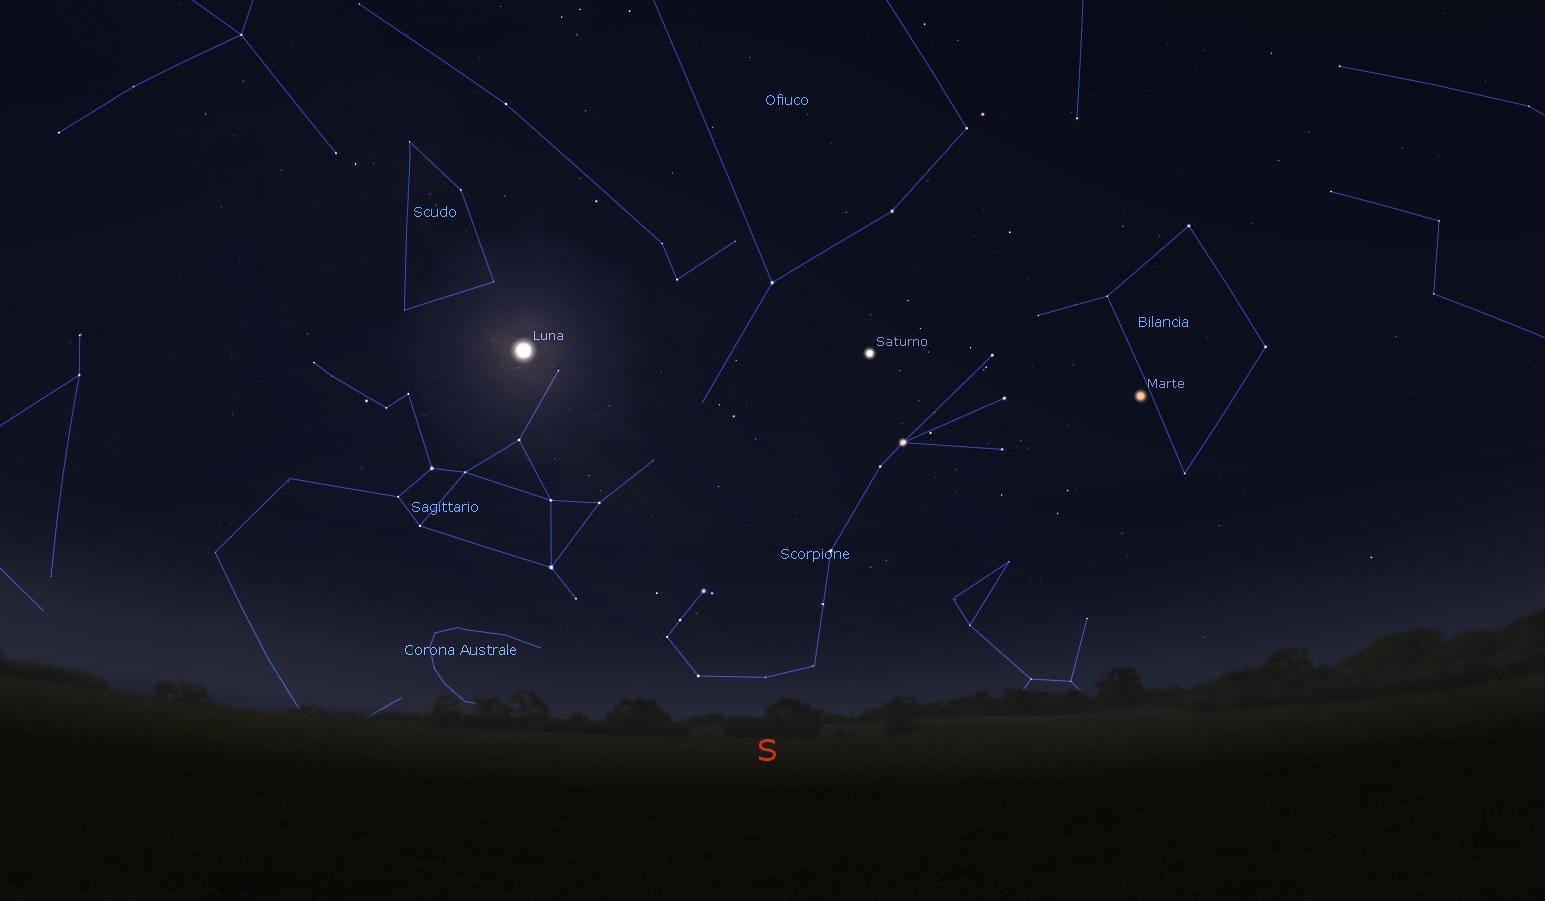 La luna piena come apparirà attorno alla mezzanotte tra il 20 e il 21 giugno prossimi. Ad accompagnarla, verso ovest, i pianeti Saturno e Marte. Crediti: M. Galliani/Stellarium